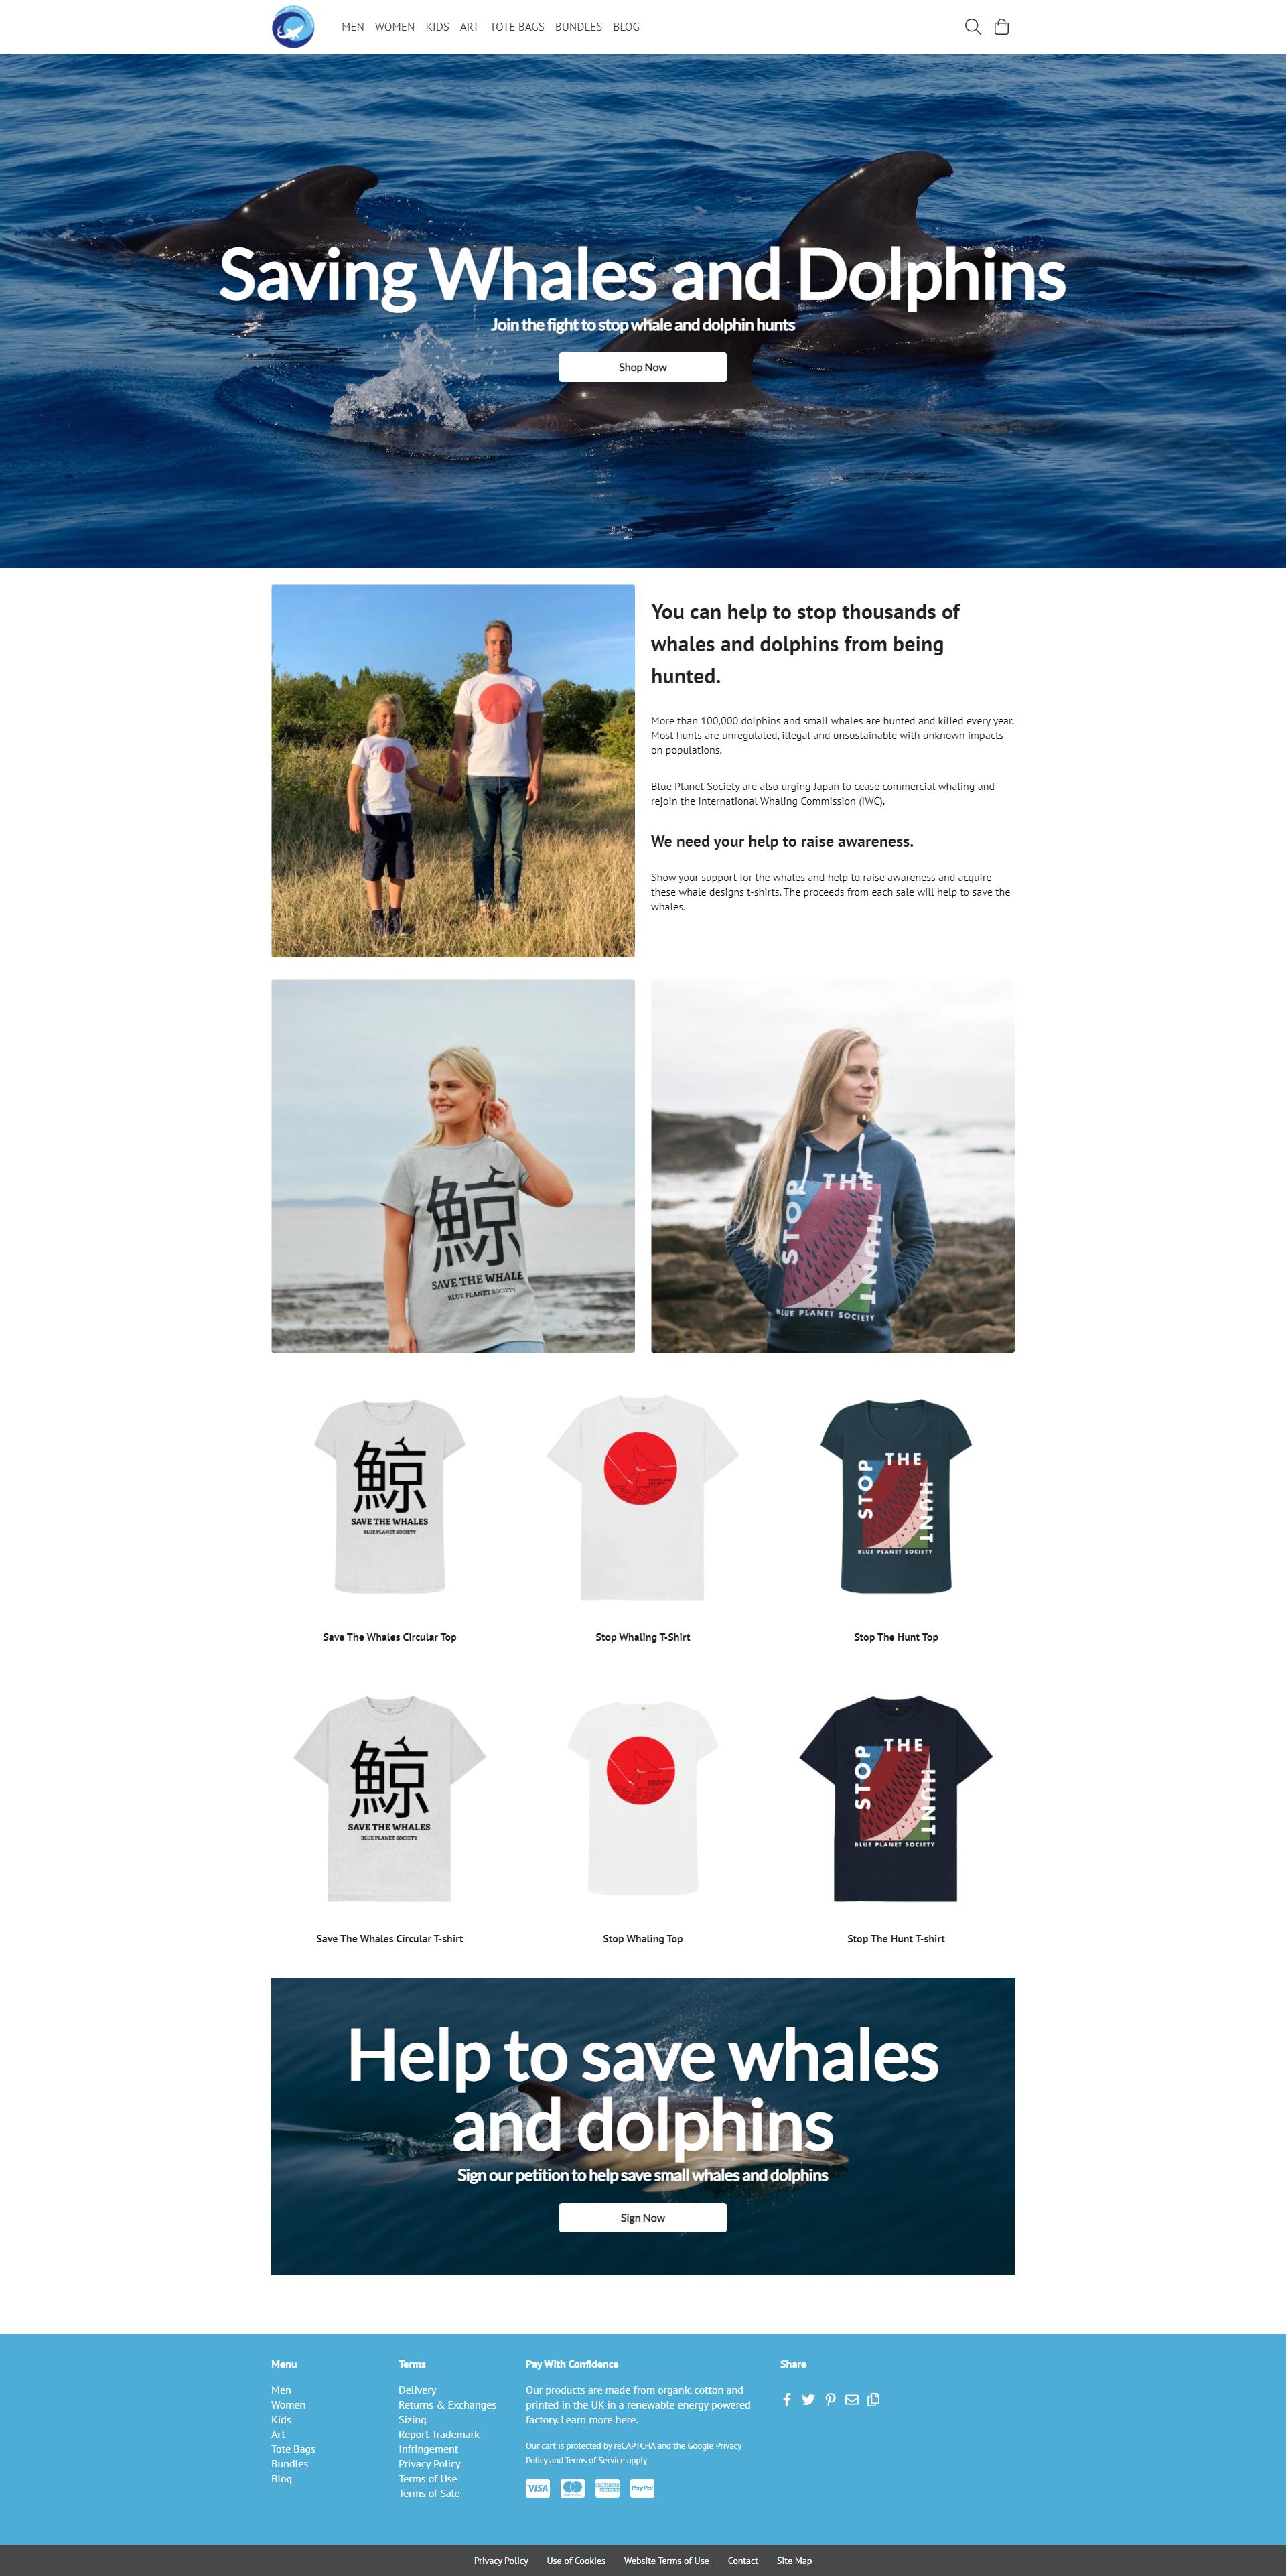 捕鯨やイルカ猟への反対を呼びかける「BLUE PLANET SOCIETY」の公式サイト。メッセージをプリントしたTシャツも販売することで活動資金の獲得を狙っているとみられる